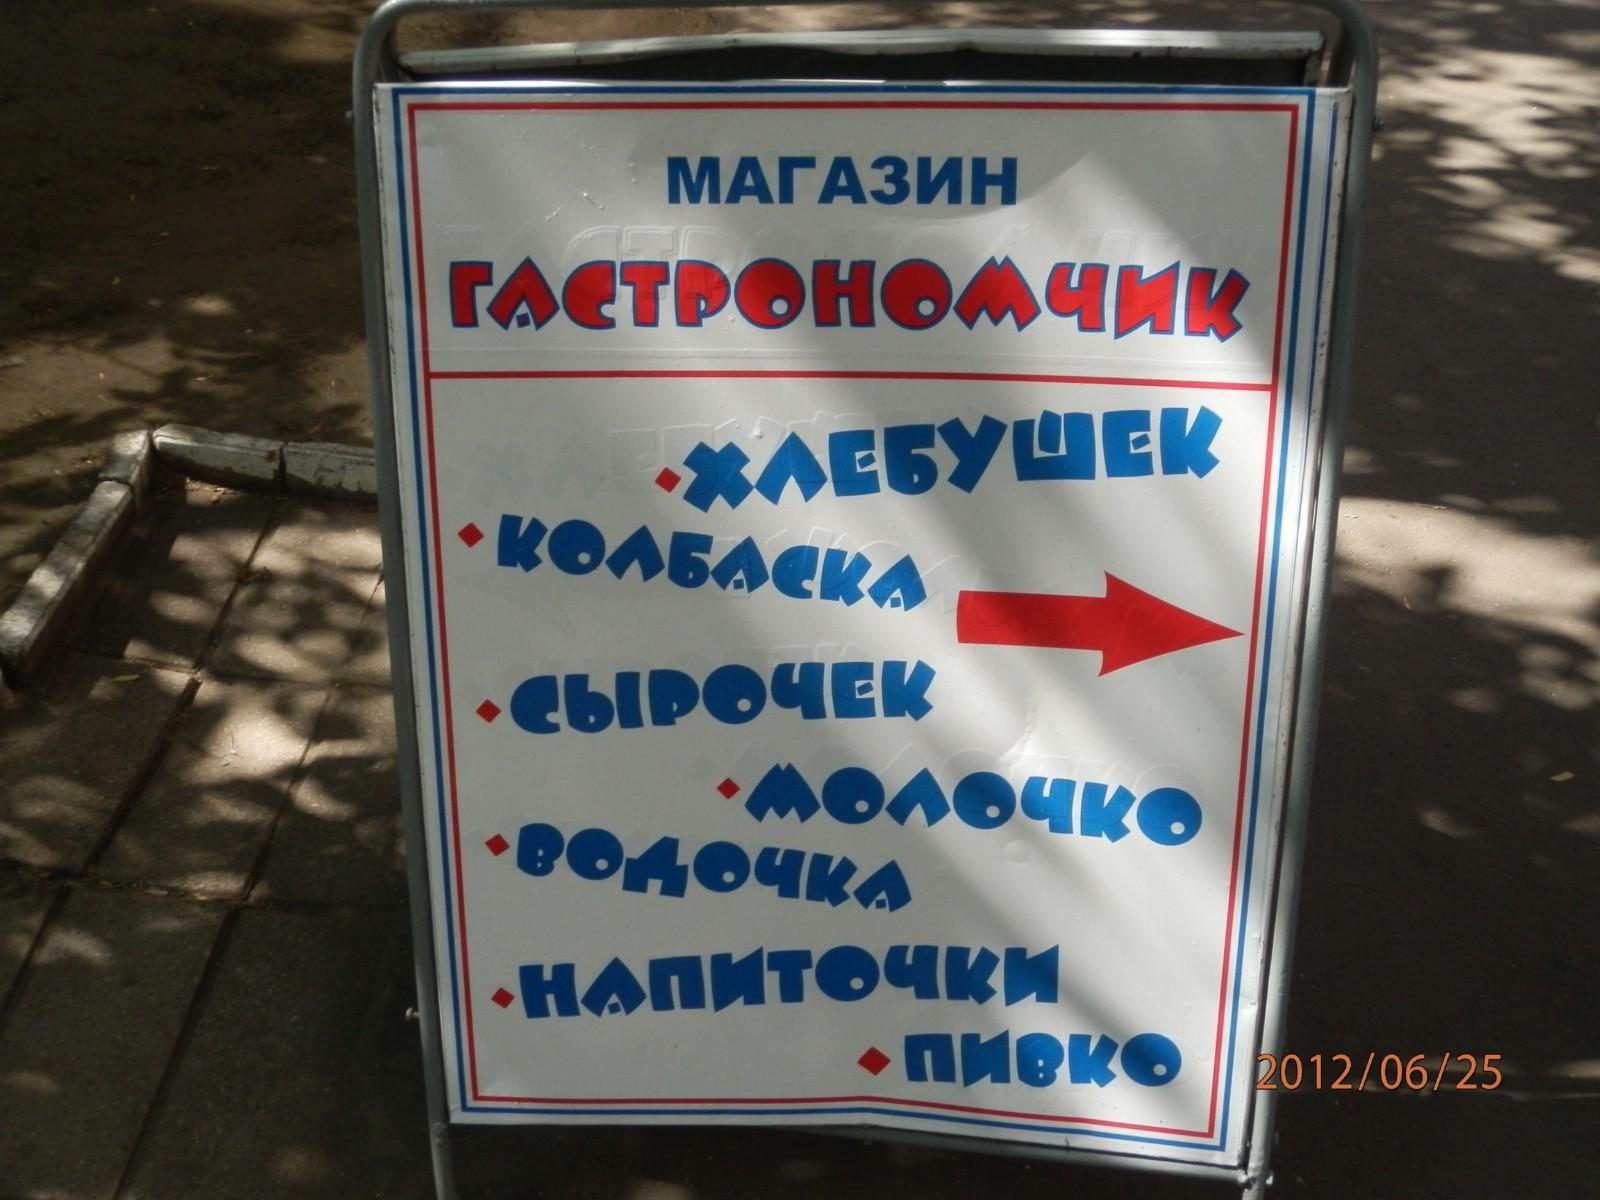 http://s1.uploads.ru/i/IsfO2.jpg